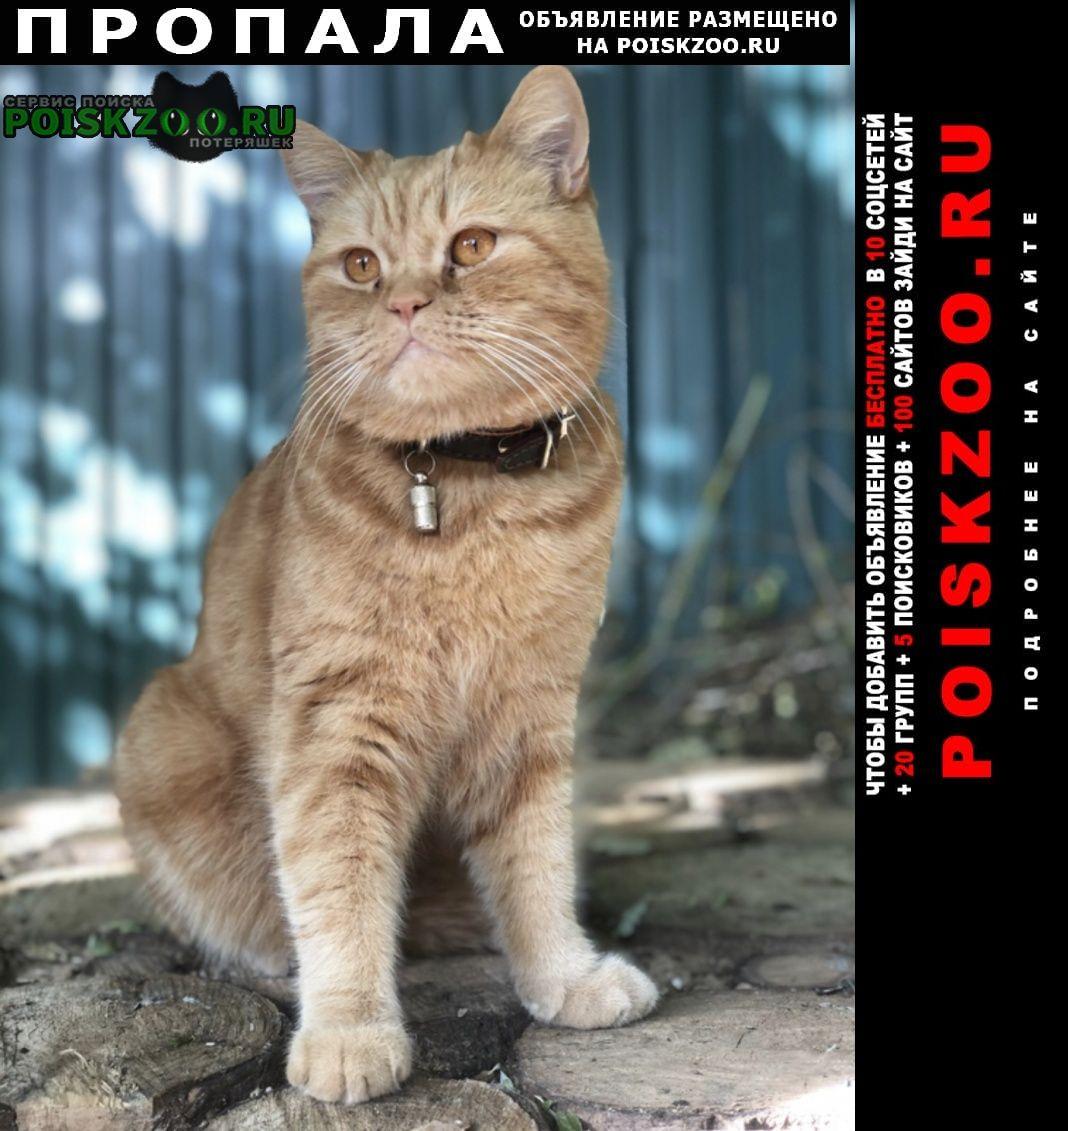 Пропала кошка прошу внимания  люди которые живут в  Солнечногорск